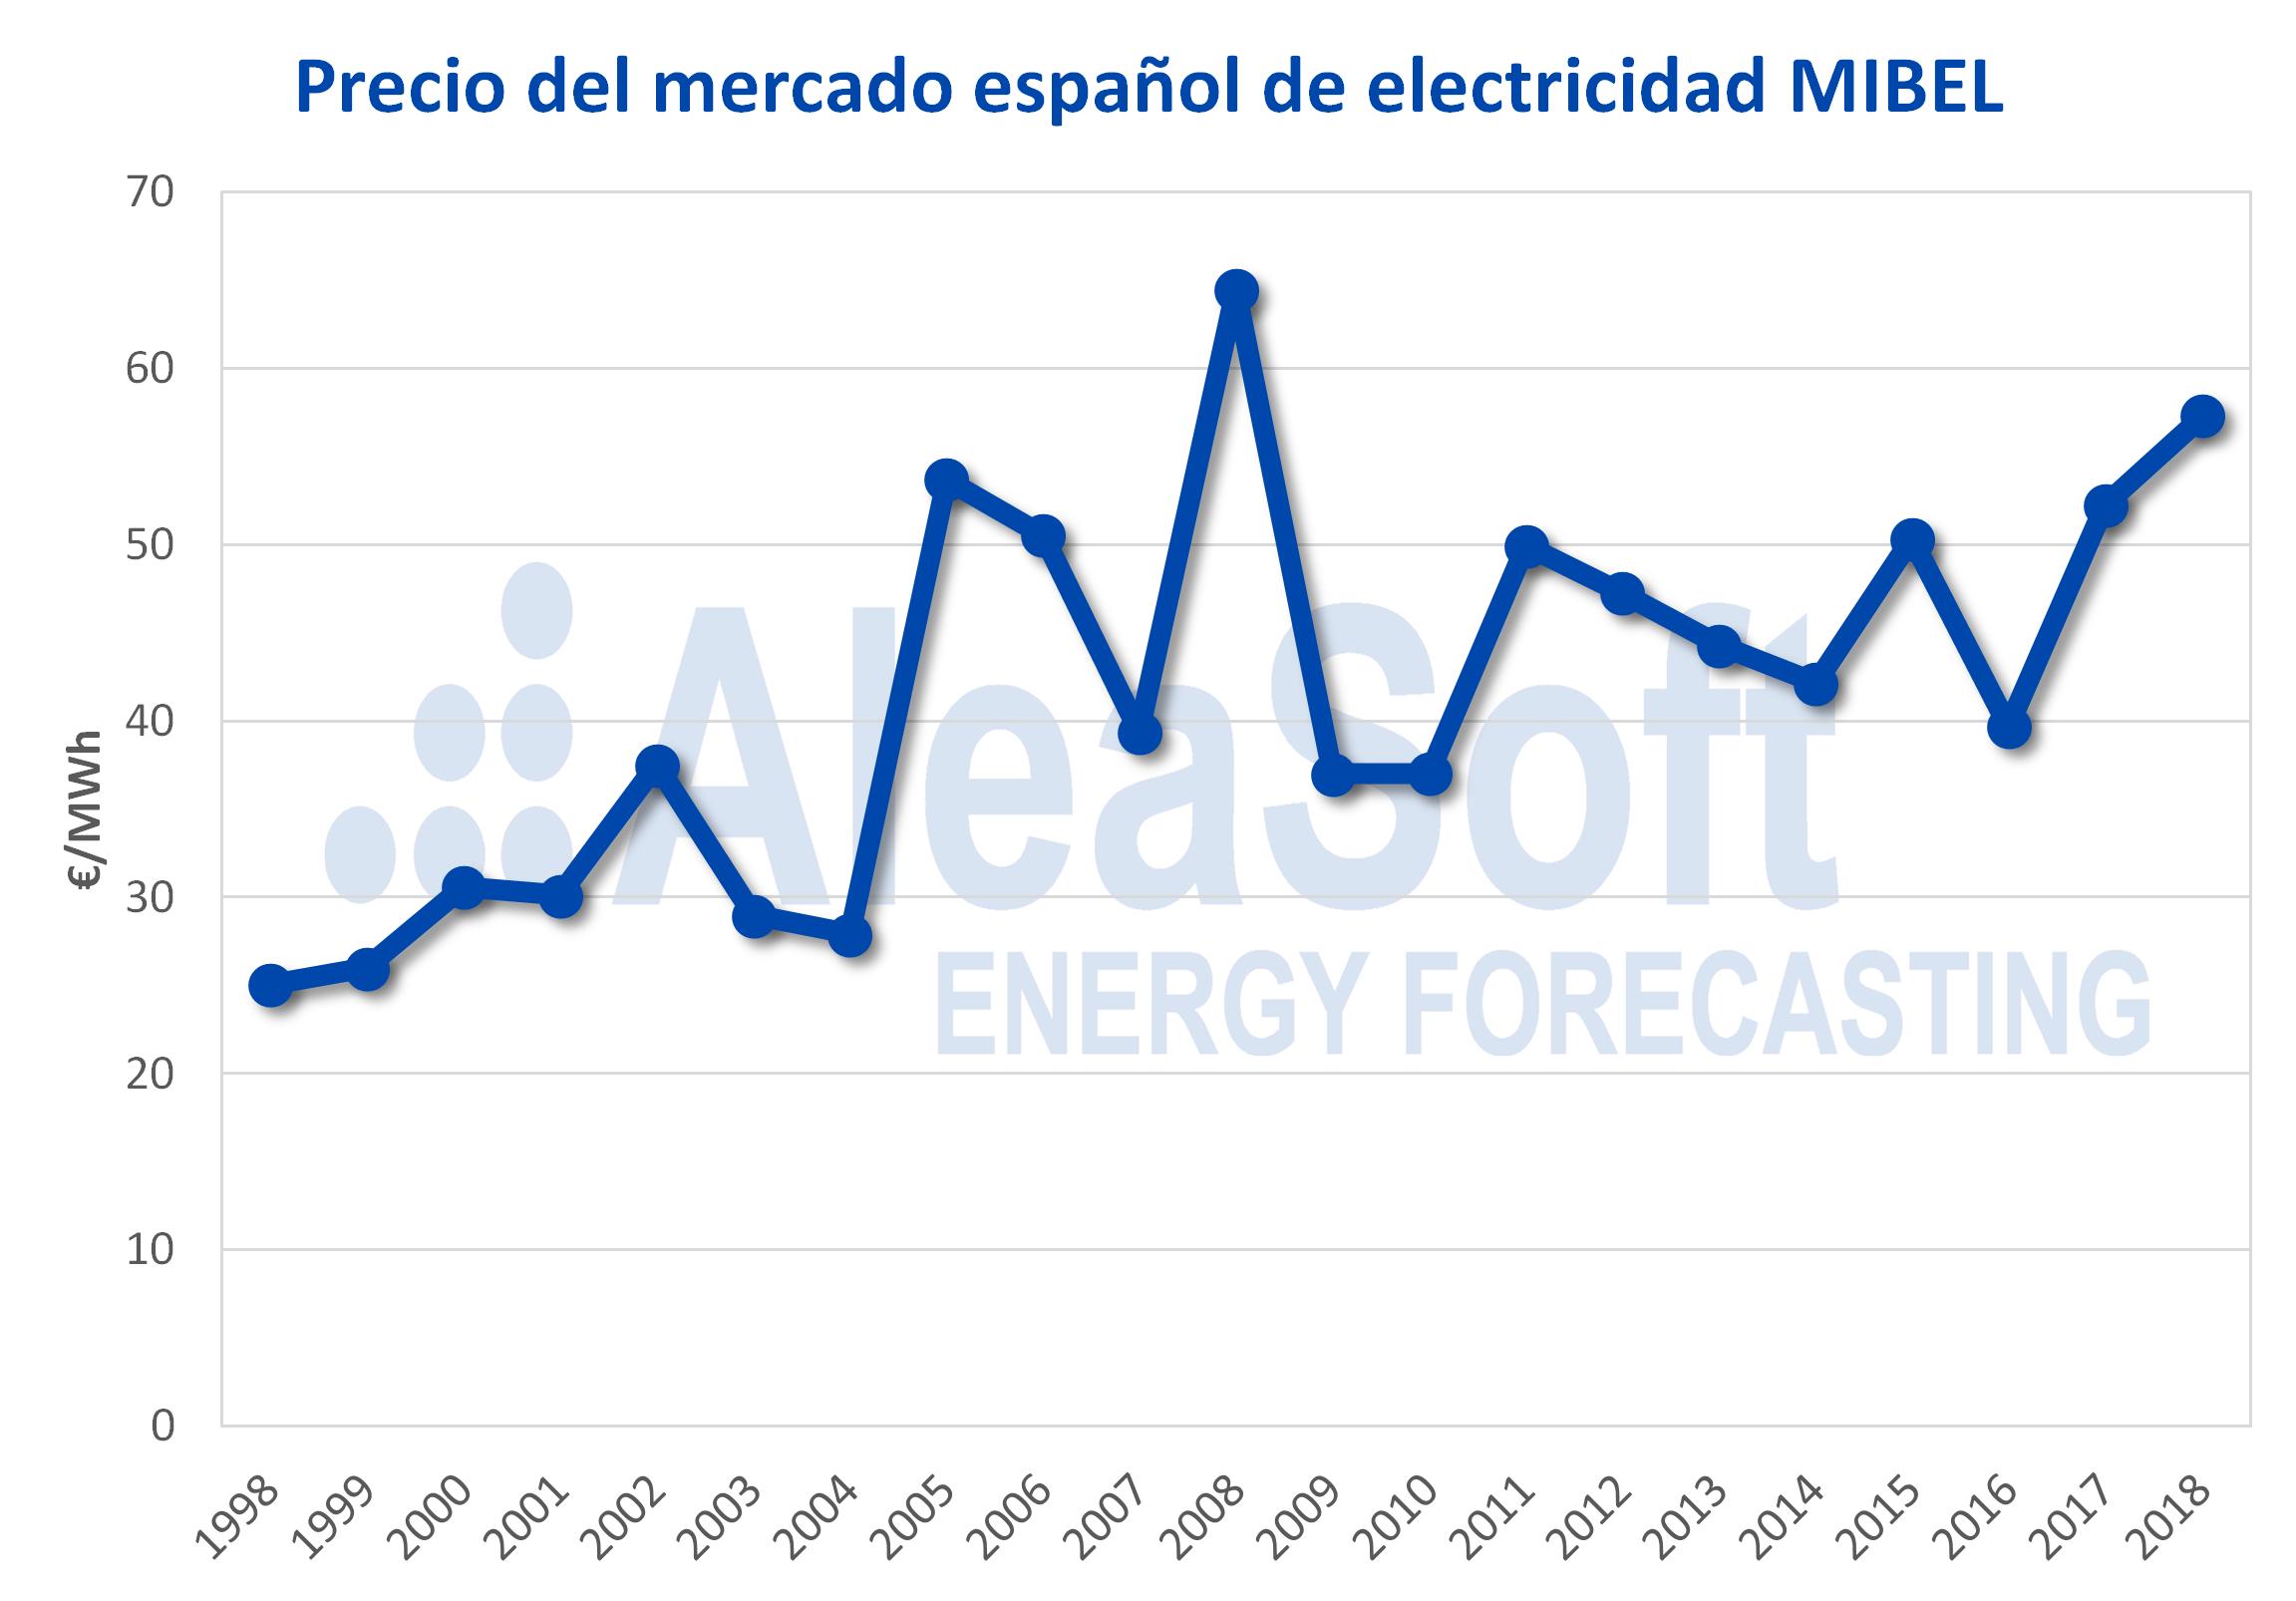 AleaSoft - Precio promedio anual mercado español electricidad MIBEL